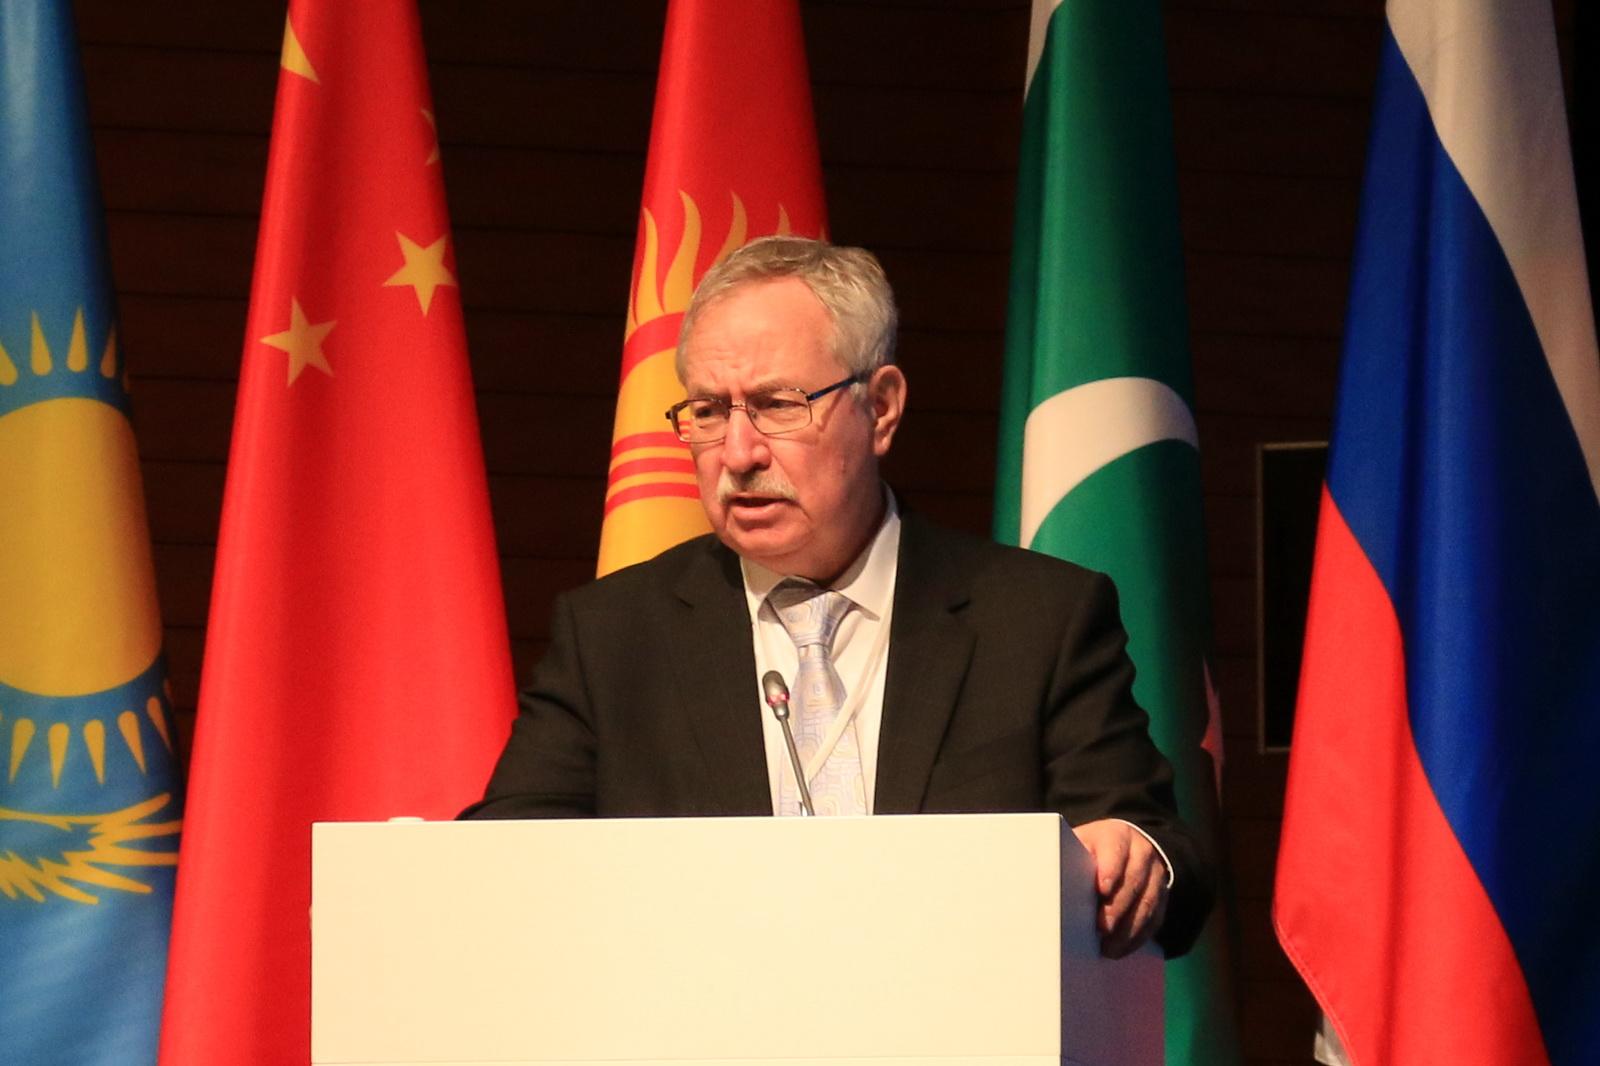 Евгений Кузьмин — заместитель председателя Межправительственного совета Программы ЮНЕСКО «Информациядля всех»